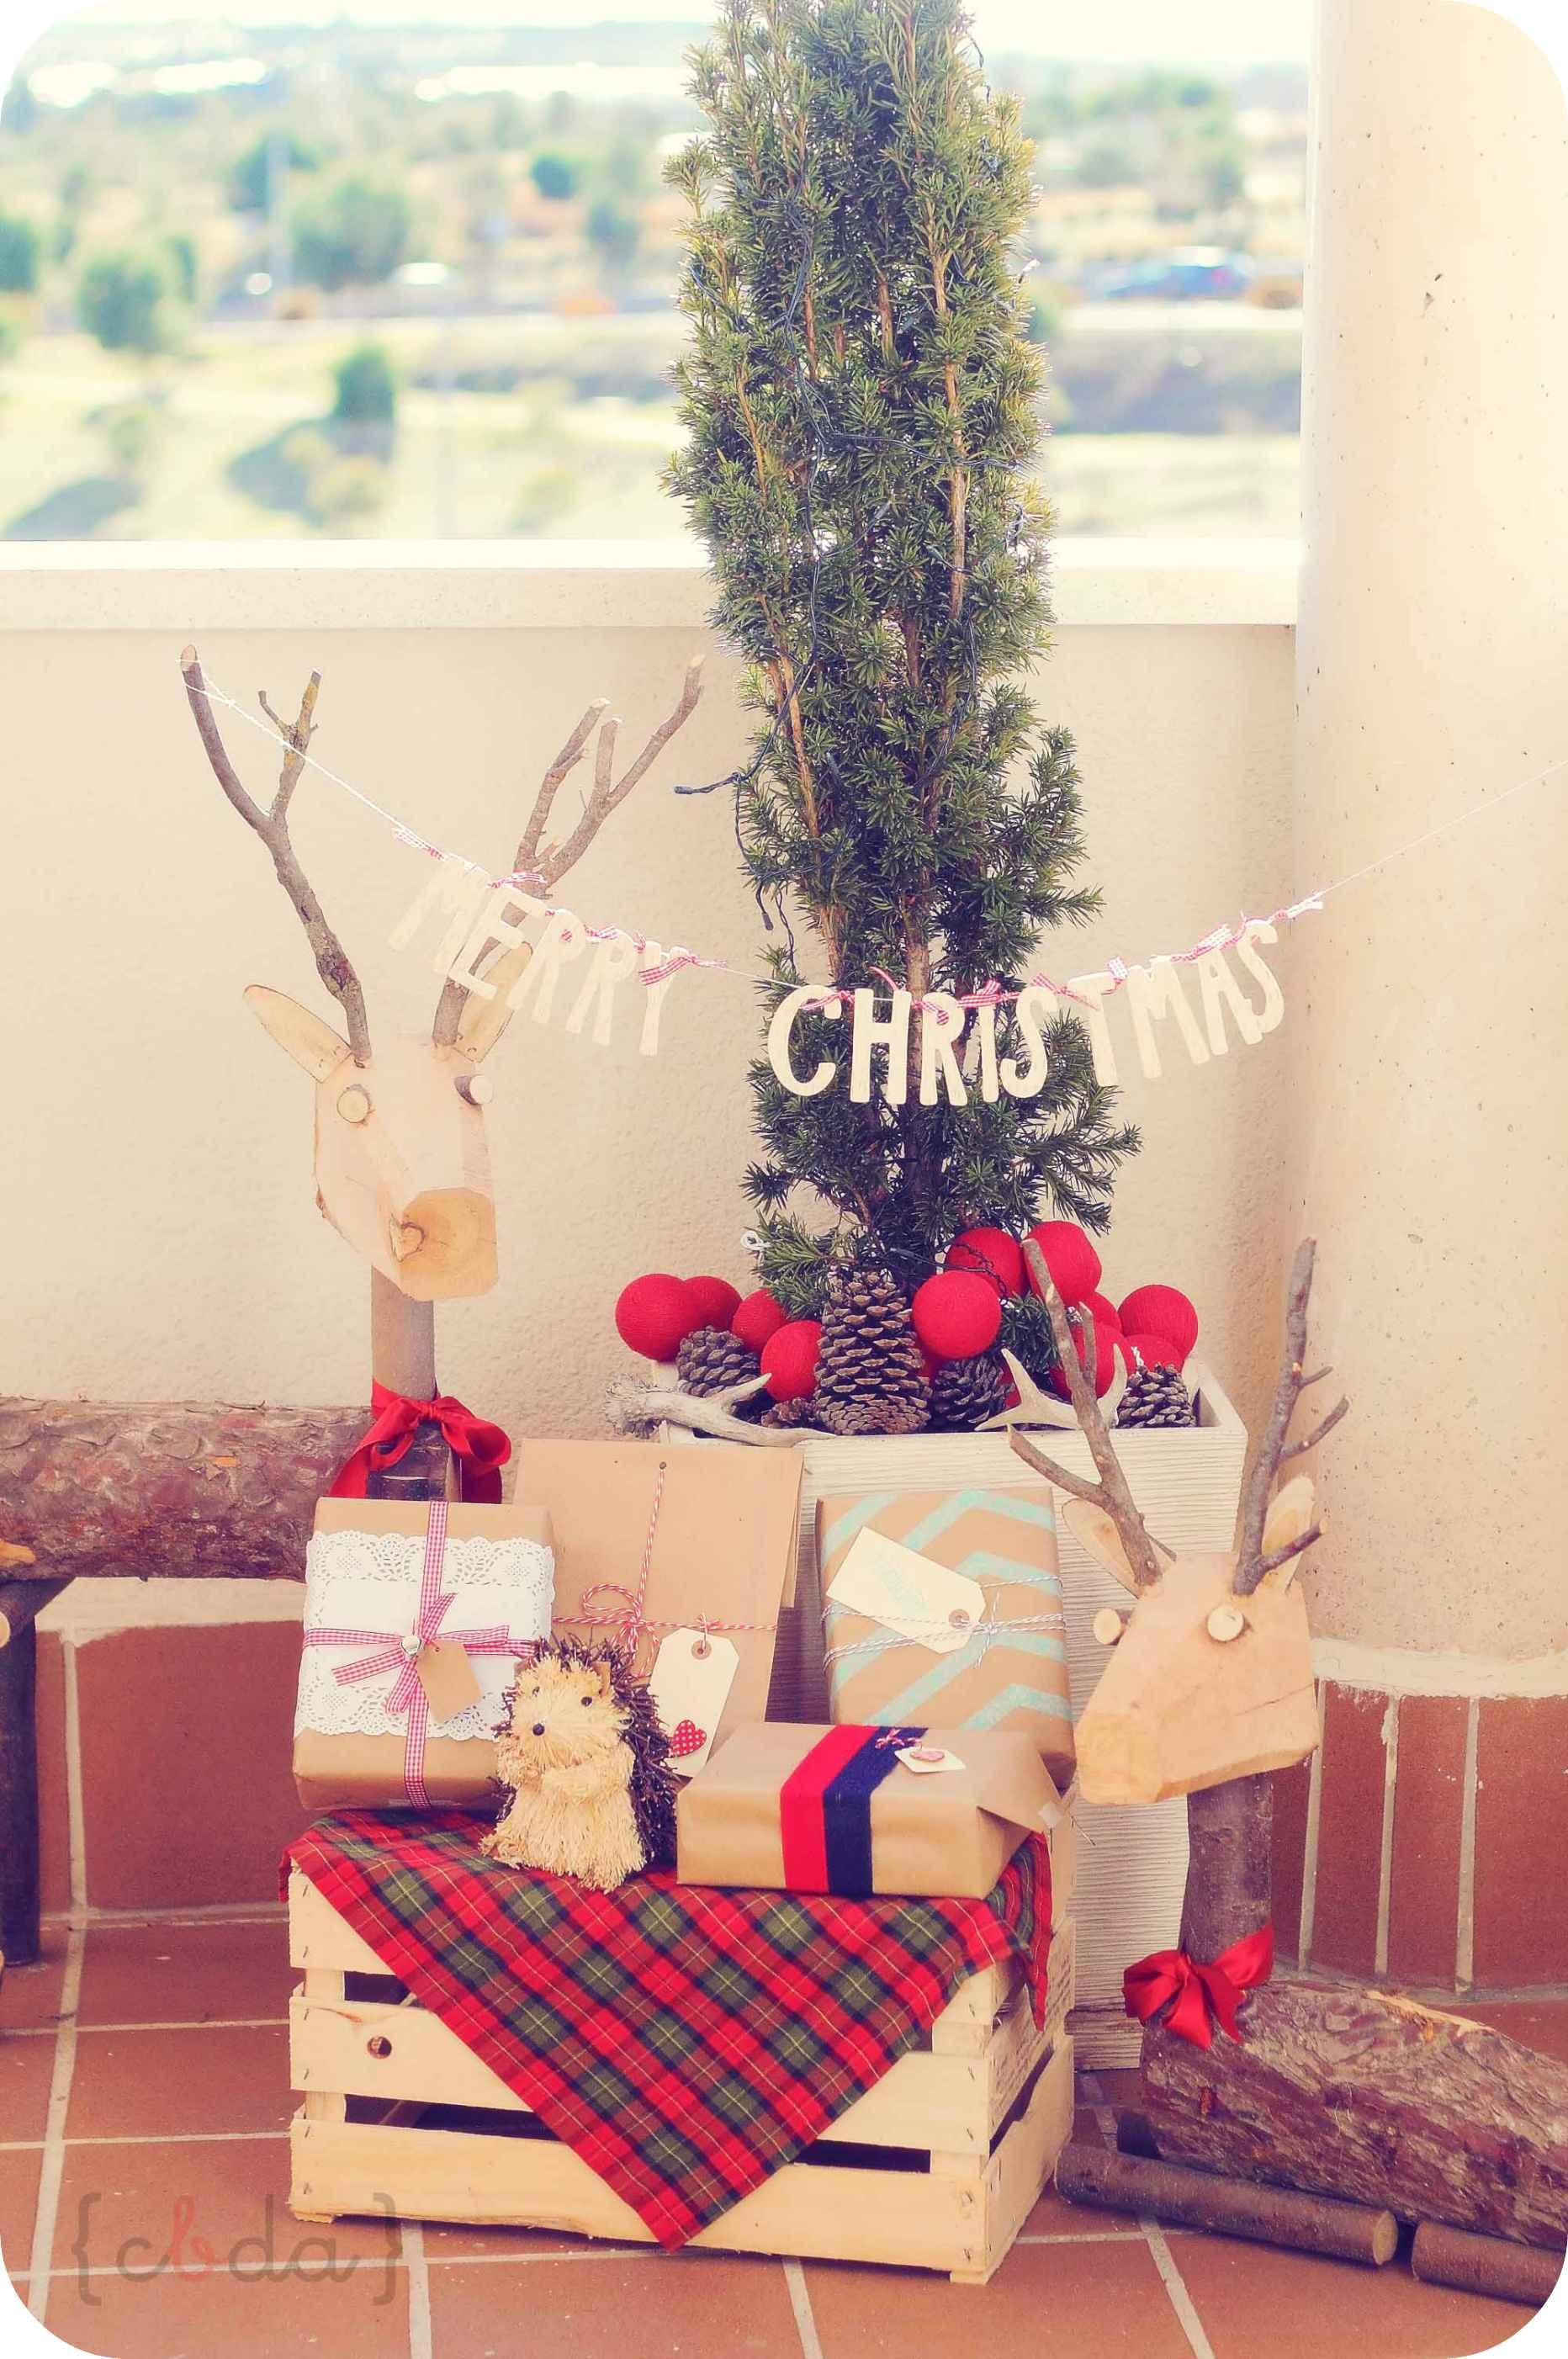 La decoración navideña de {cbda}